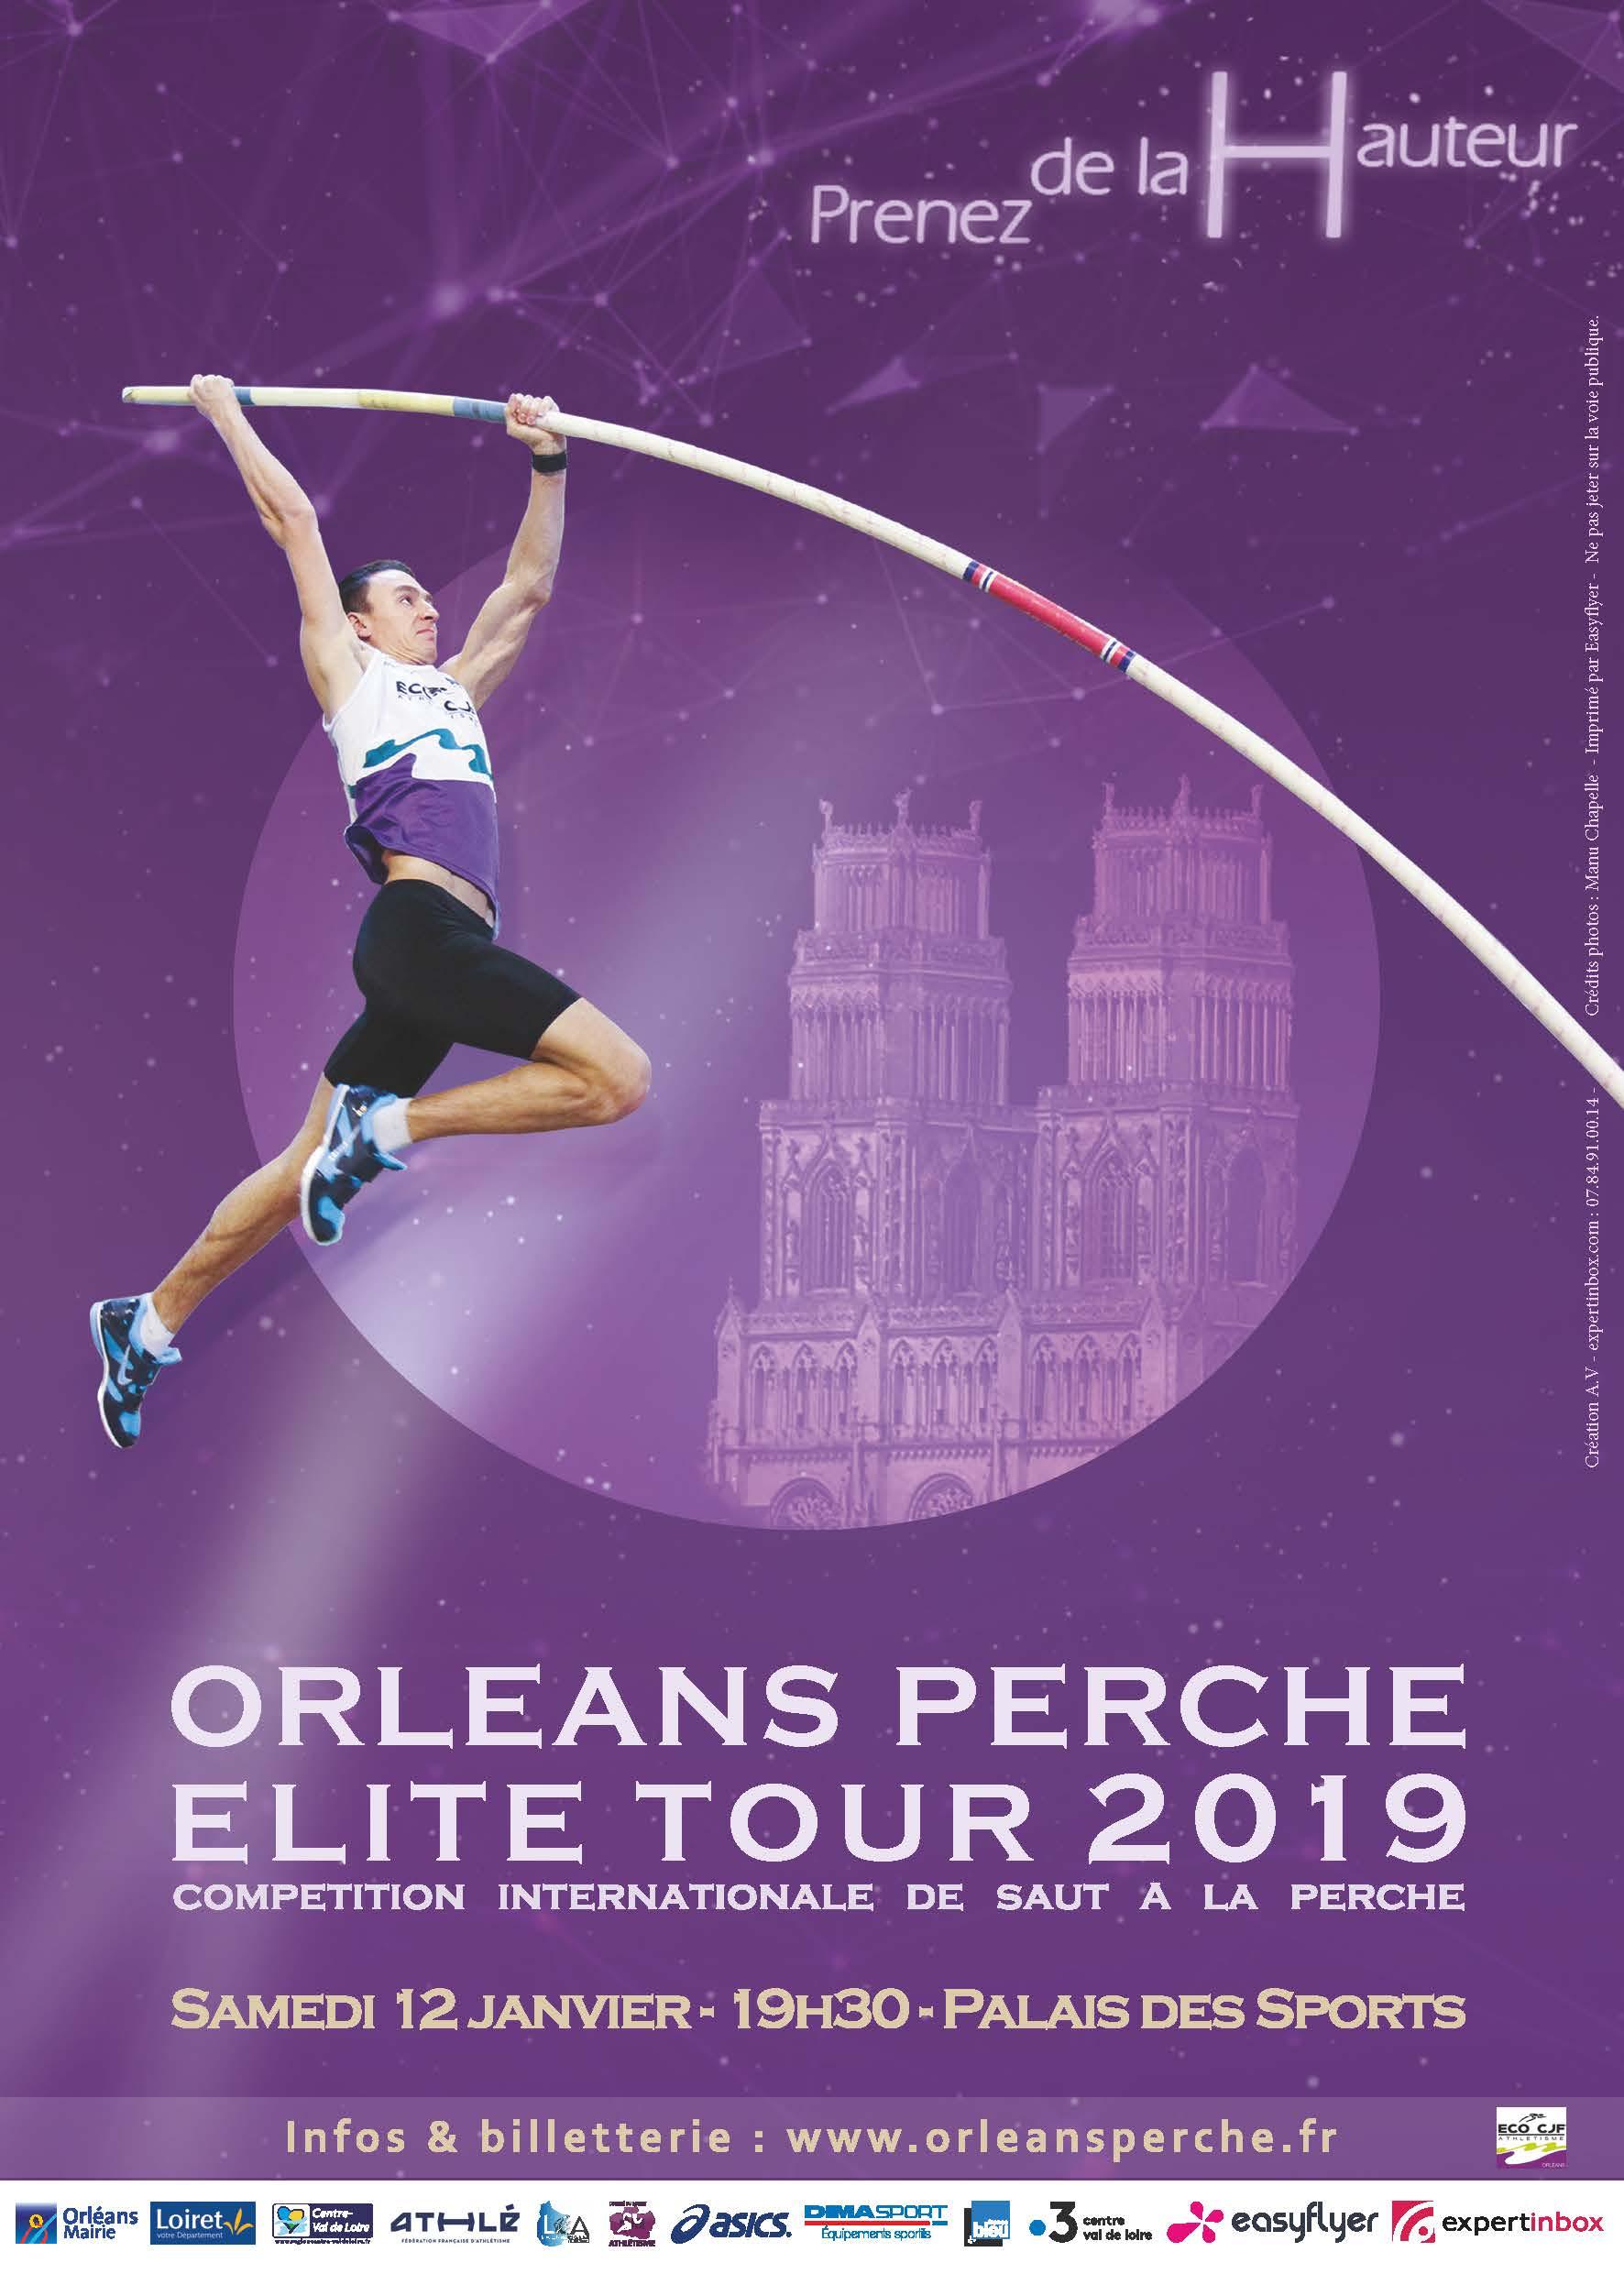 ORLÉANS PERCHE ELITE TOUR 2019 7